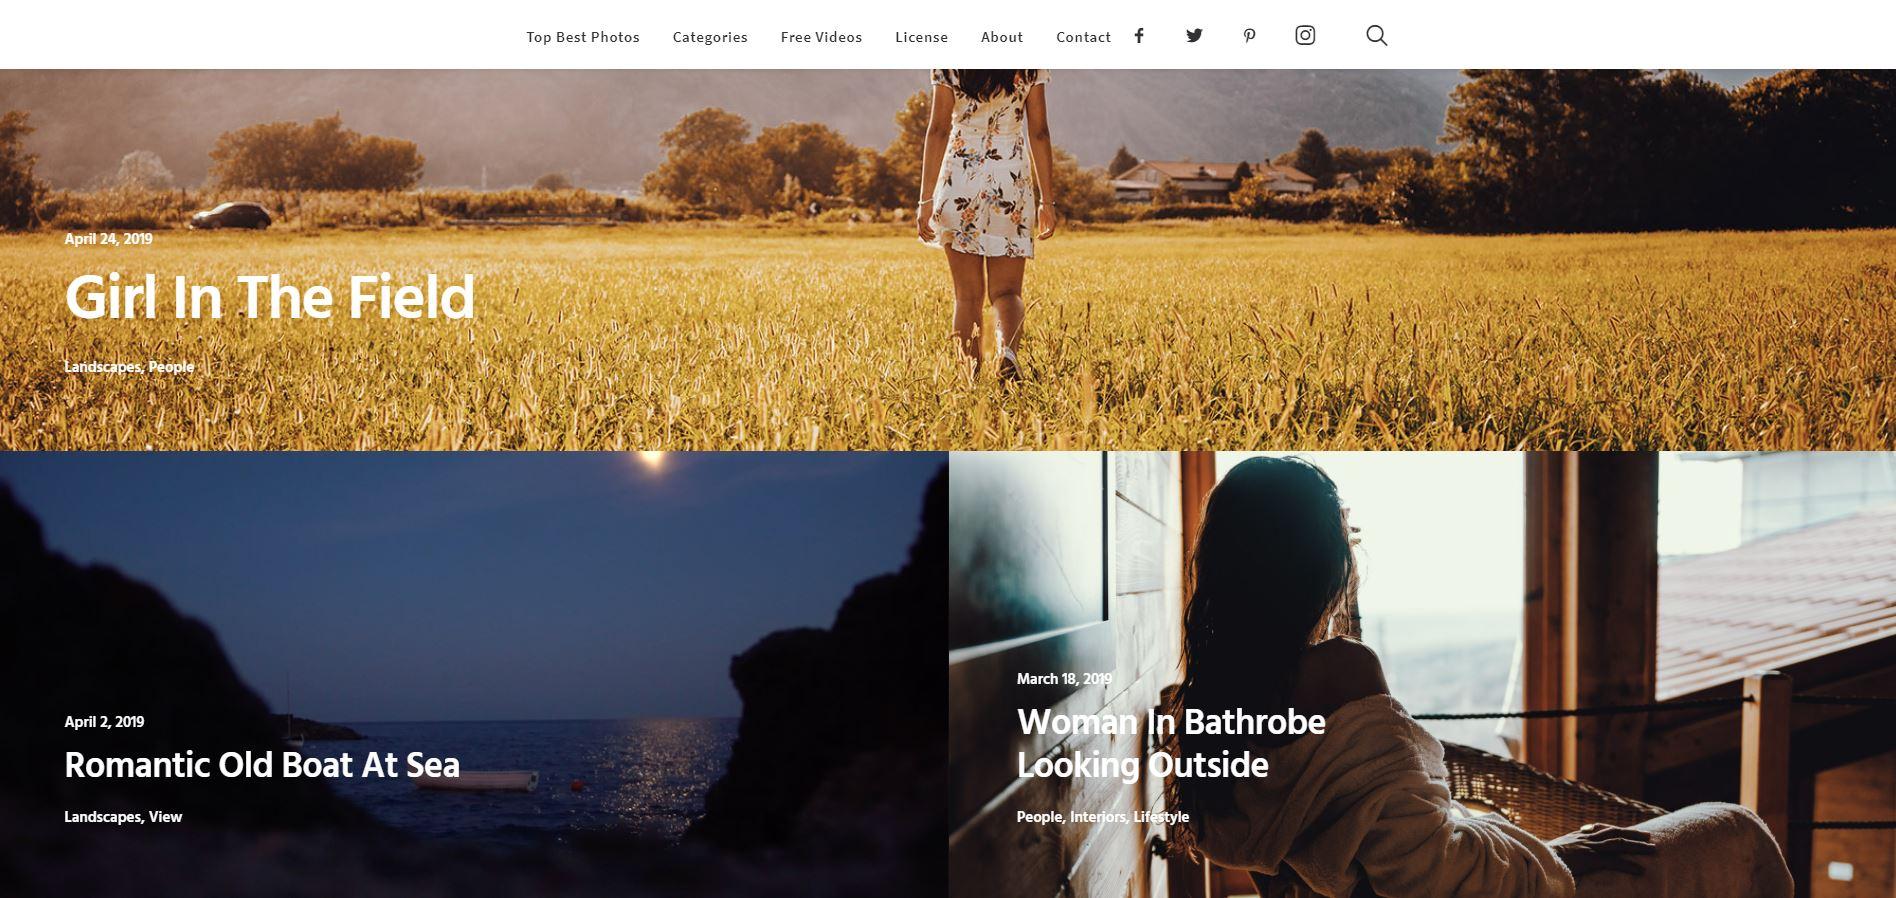 70 Bancos de Imagens Grátis Sites de Fotos Gratuitas 2